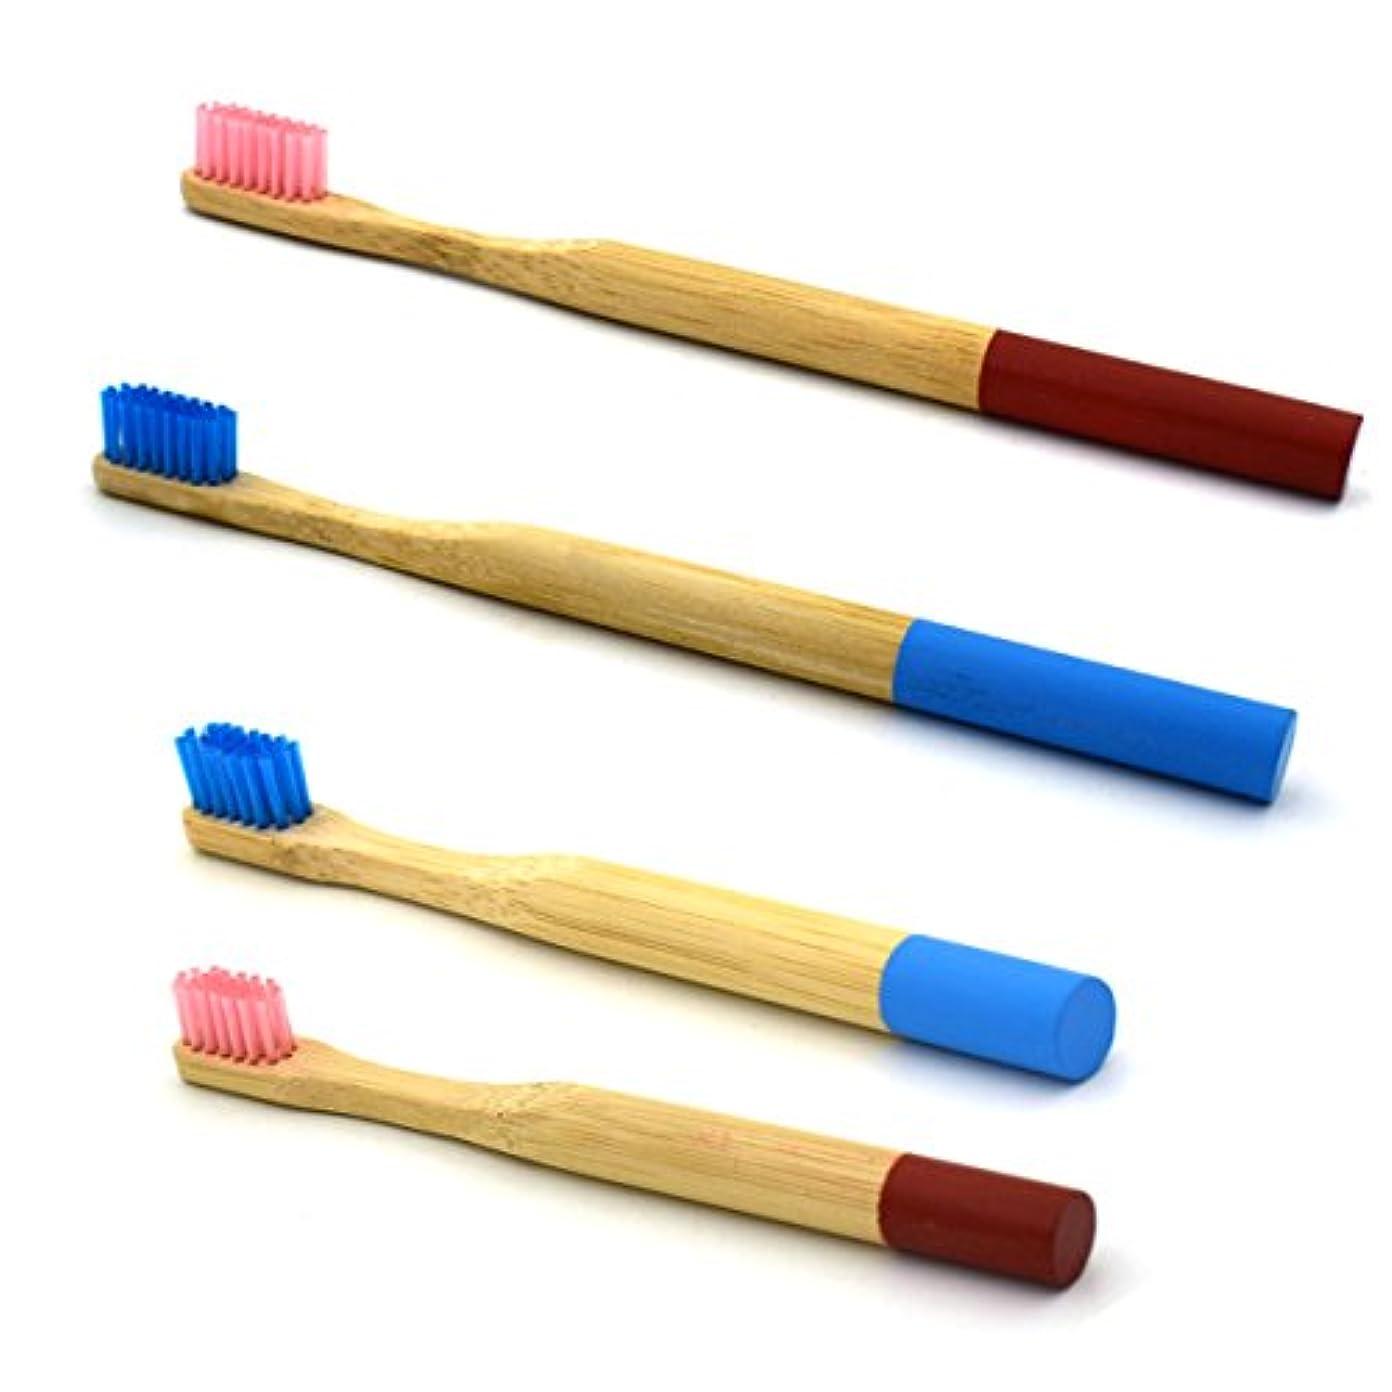 ボットリスクどこHEALLILY ラウンドハンドルエコフレンドリーソフト剛毛歯ブラシ(ブルーとピンク) - 大人と子供と4個の天然竹製の歯ブラシ